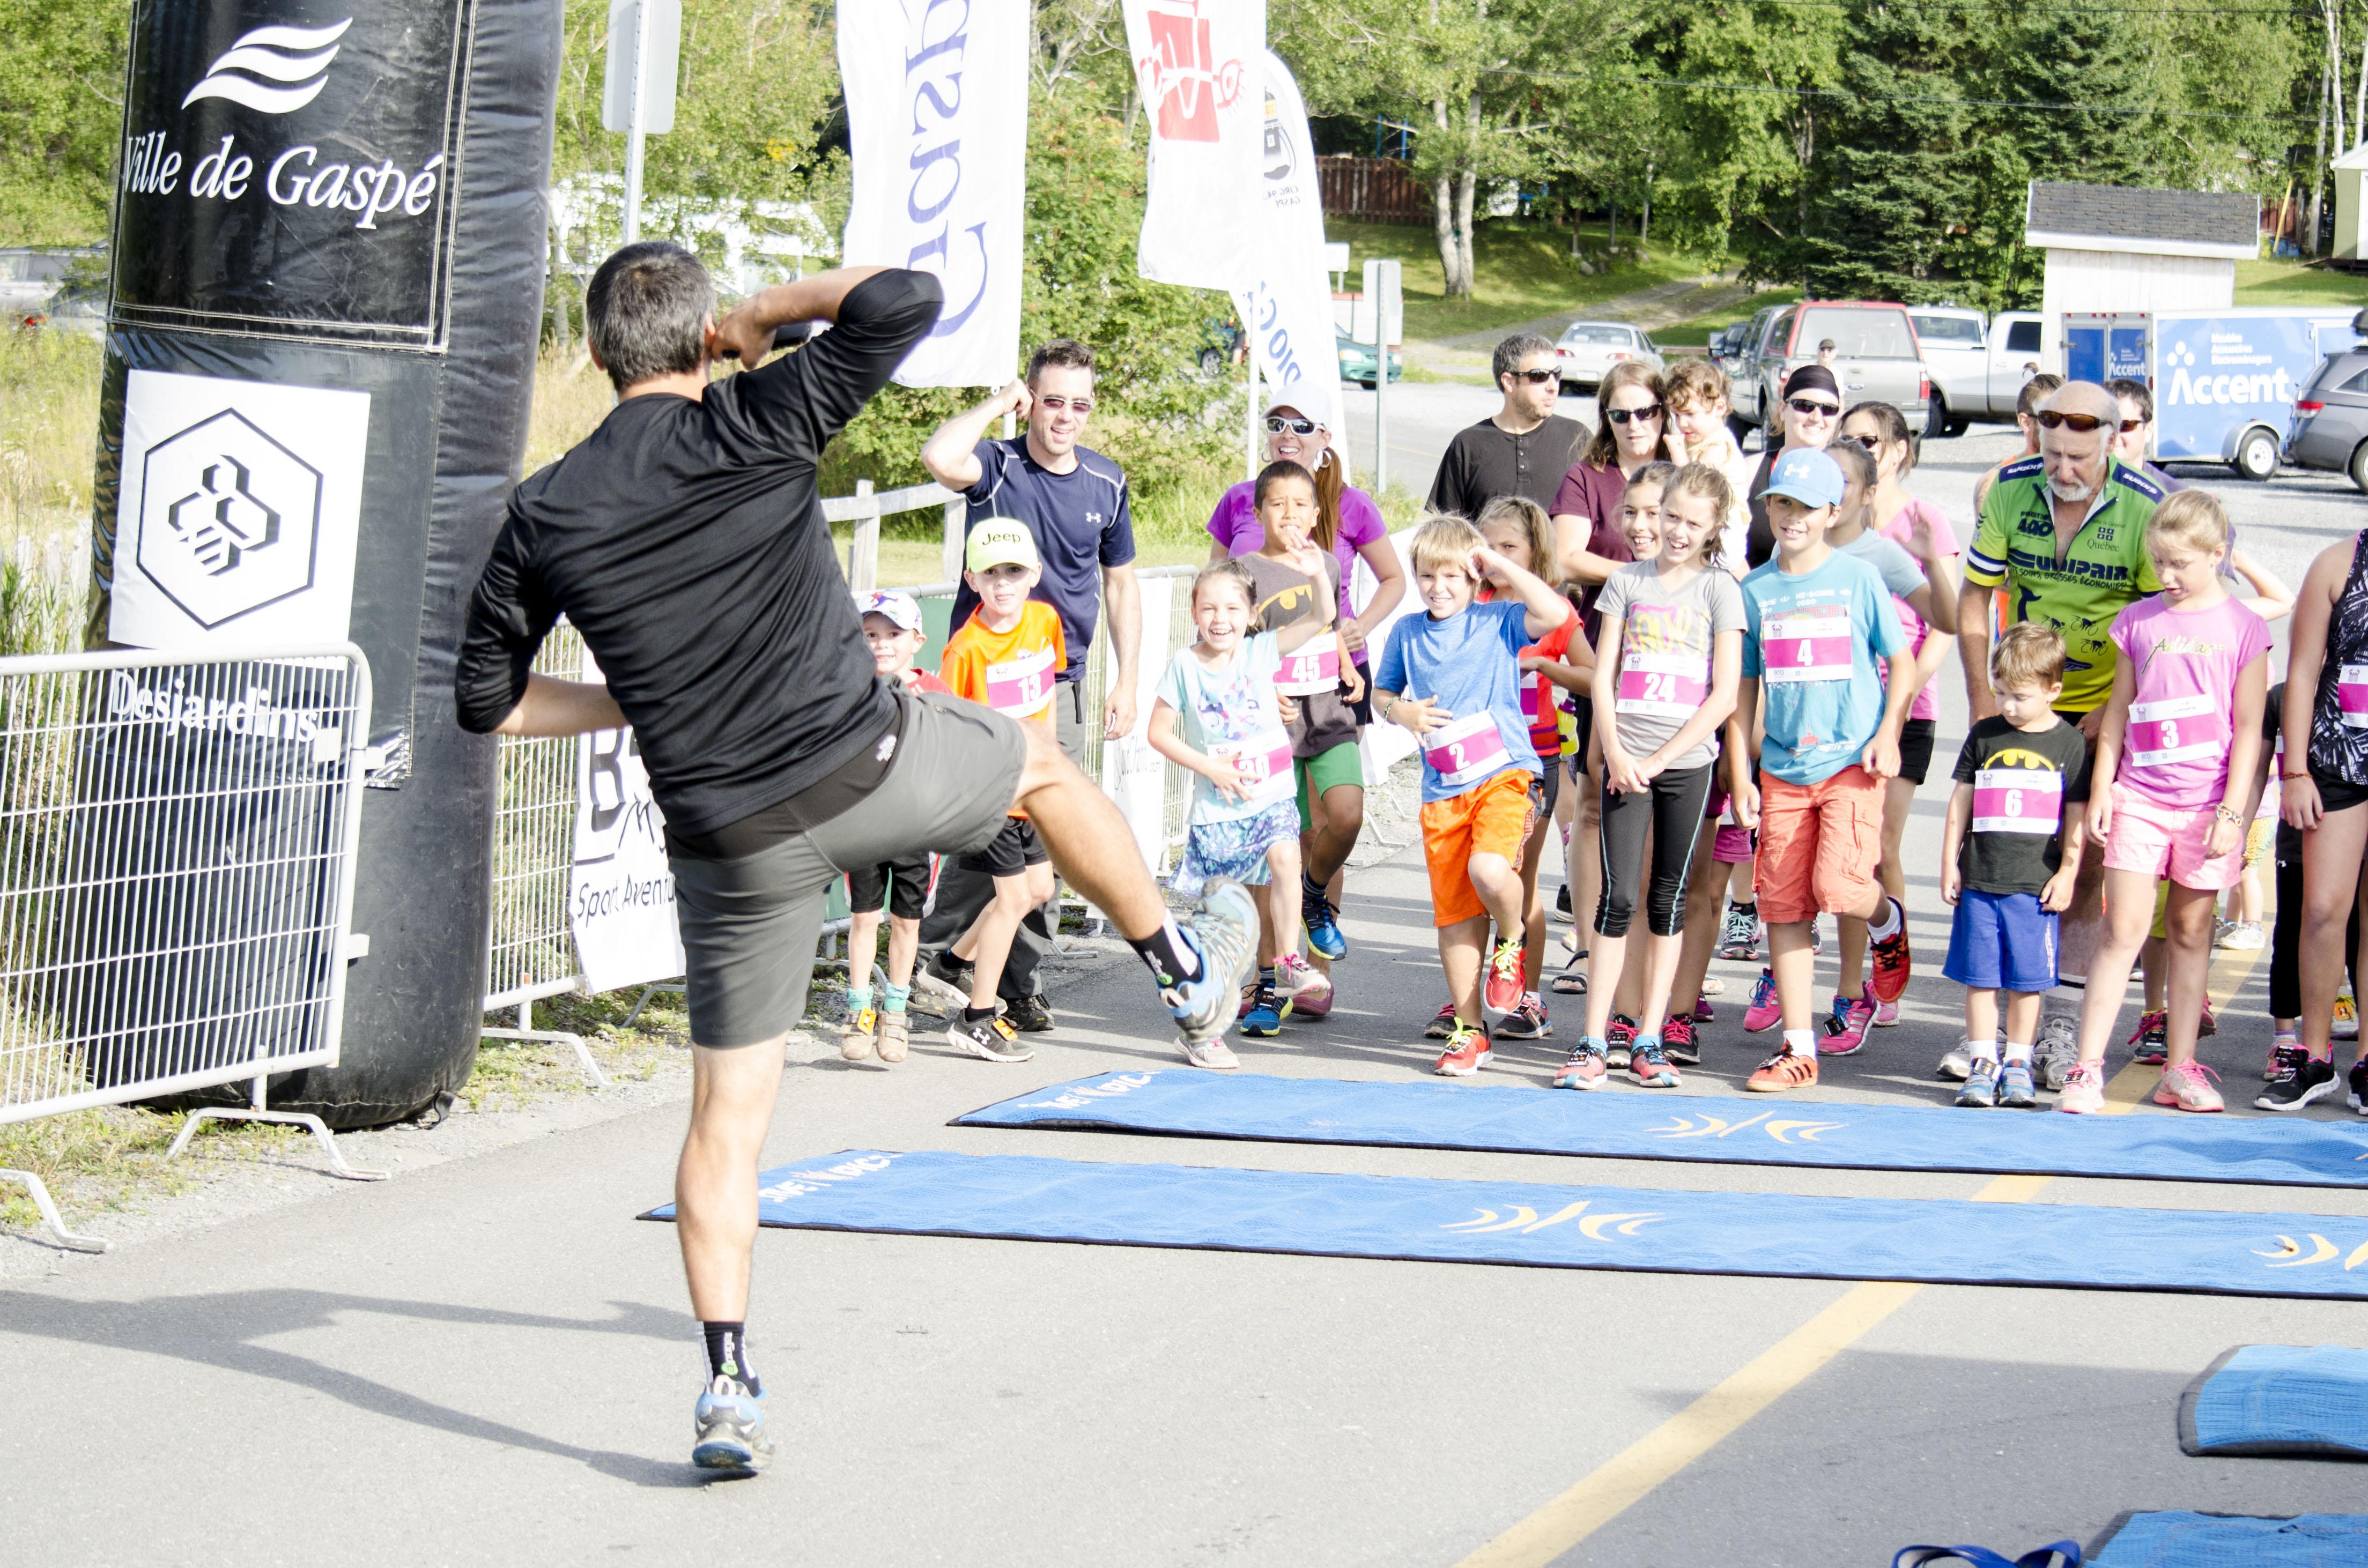 marathon-gaspesia-100-21-08-2016-014